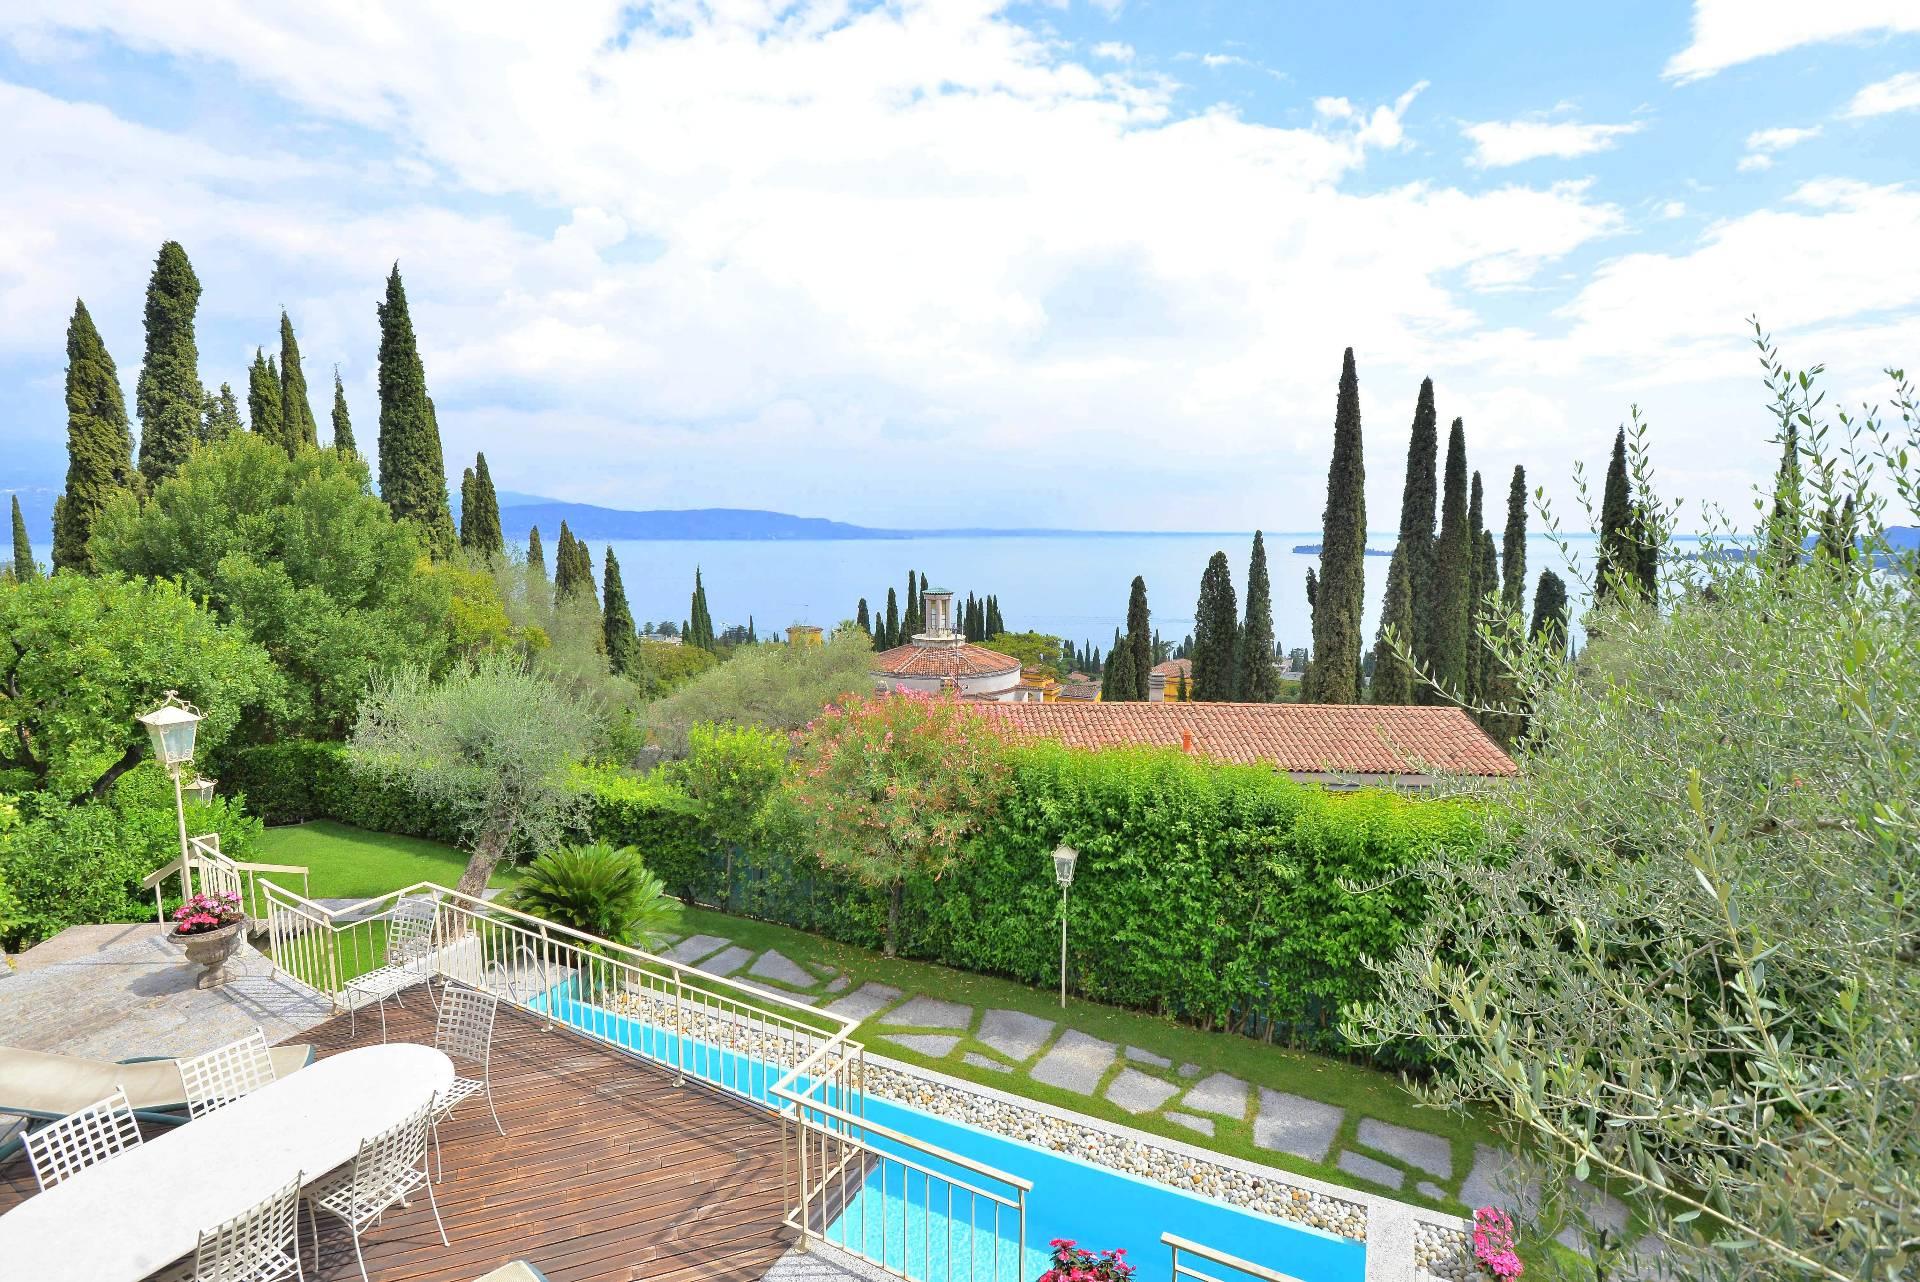 Villa in vendita a Gardone Riviera, 14 locali, prezzo € 3.000.000 | CambioCasa.it